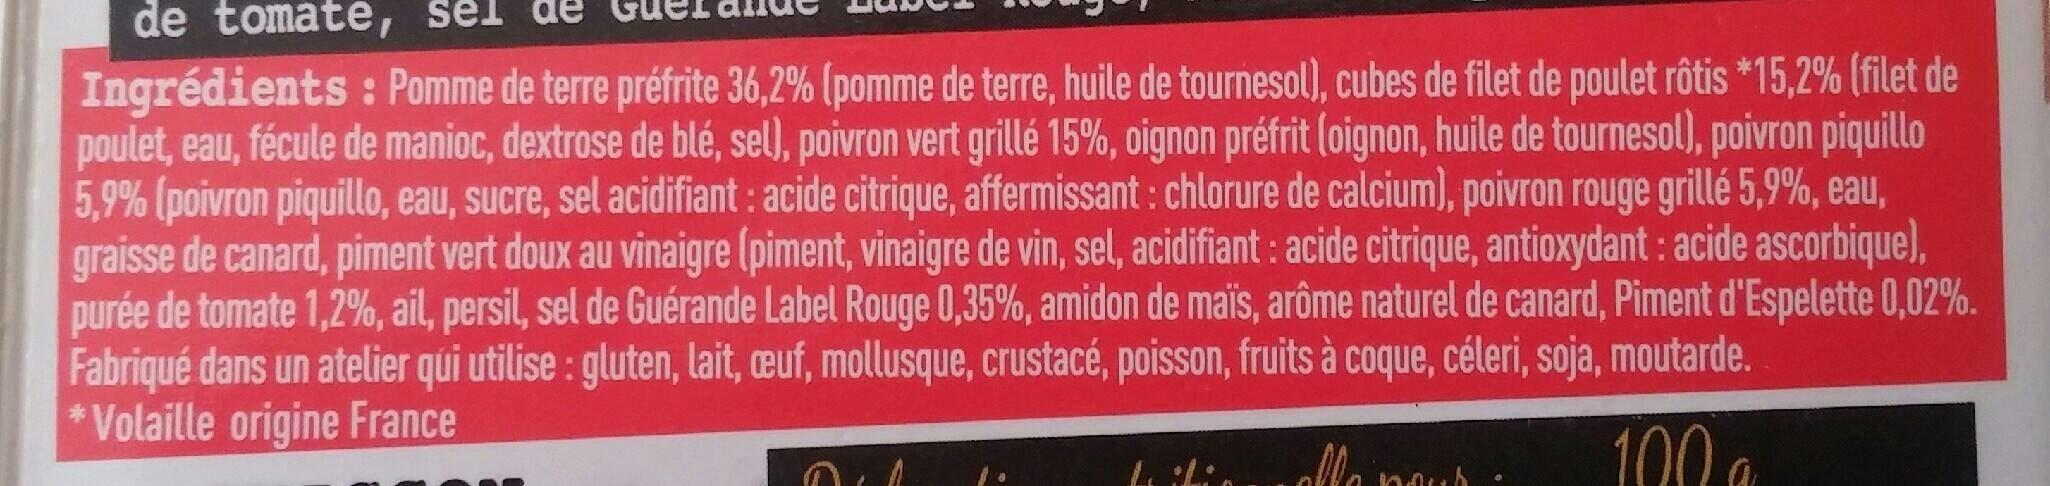 Poêlée basquaise - Ingrédients - fr